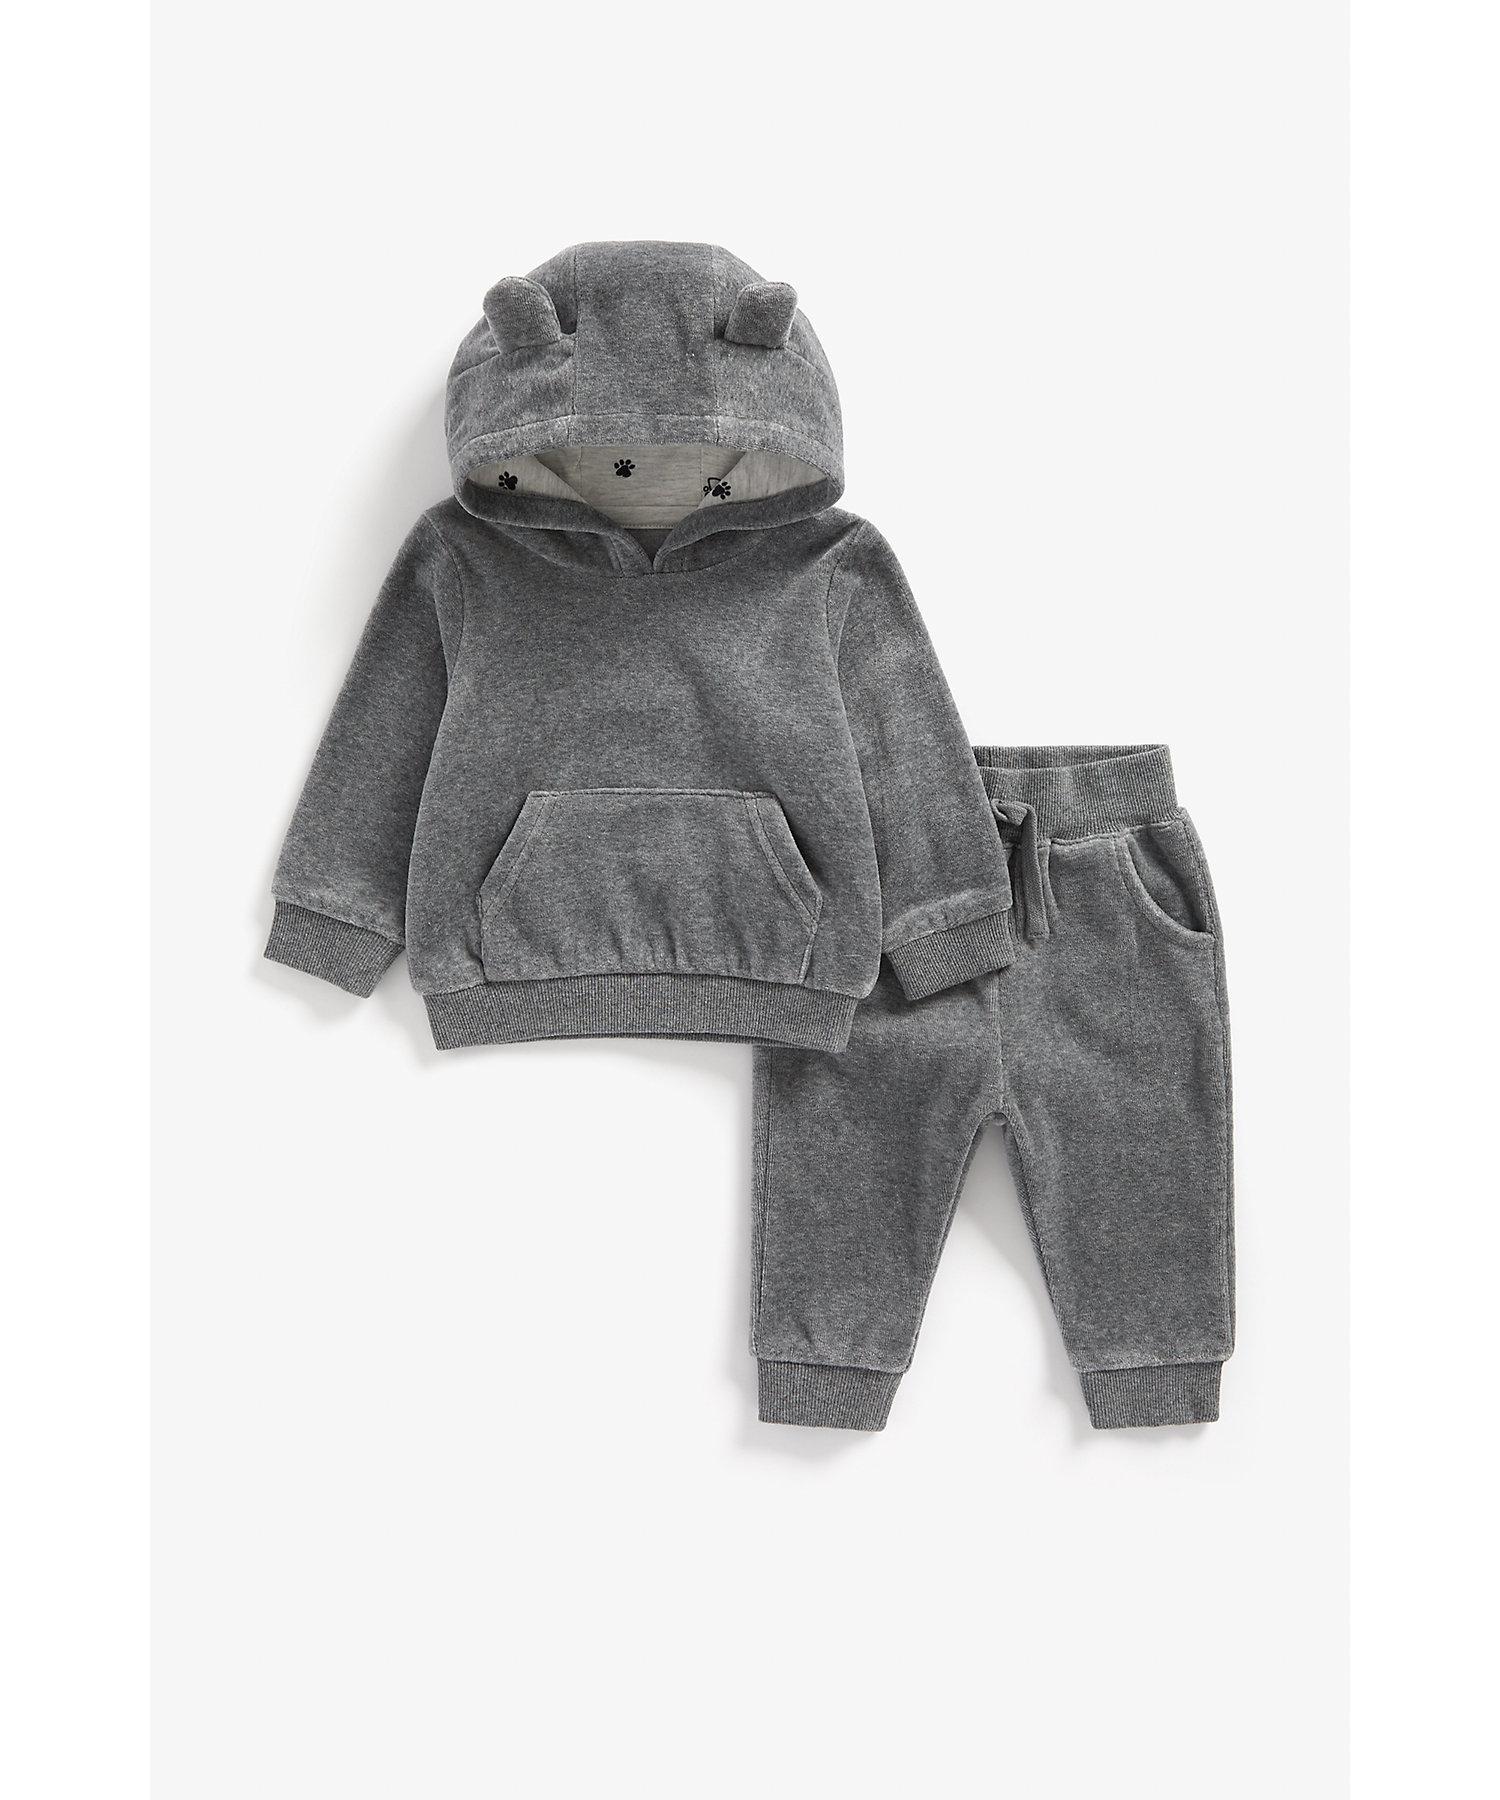 Mothercare | Boys Full Sleeves Velour Jog Set 3D Ear Details - Grey